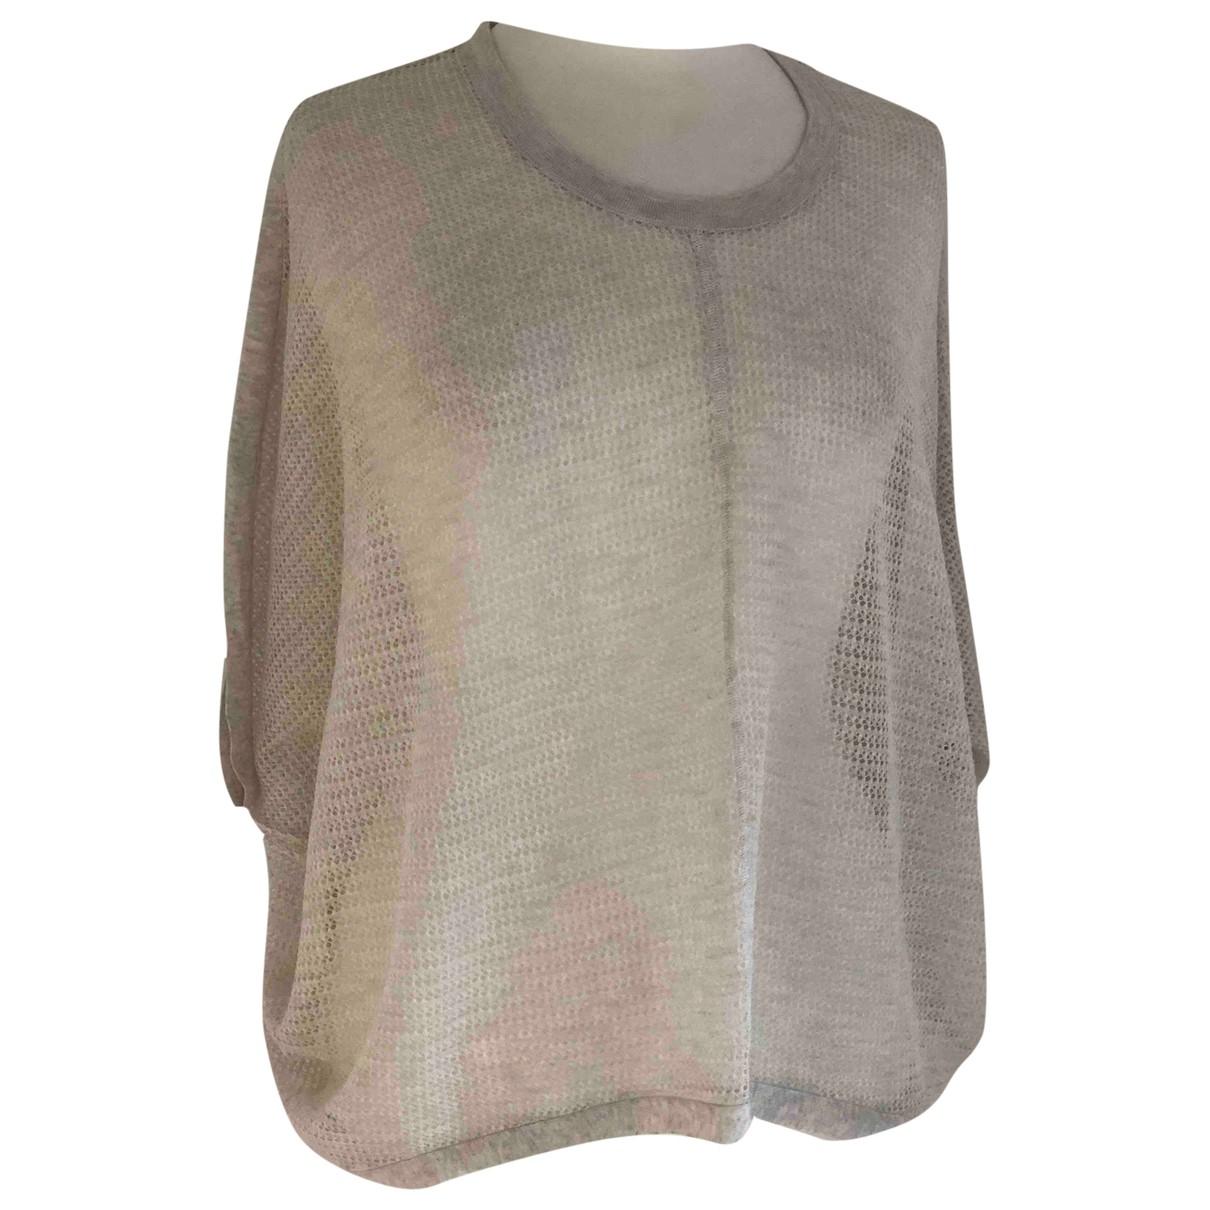 All Saints \N Beige Knitwear for Women XS International